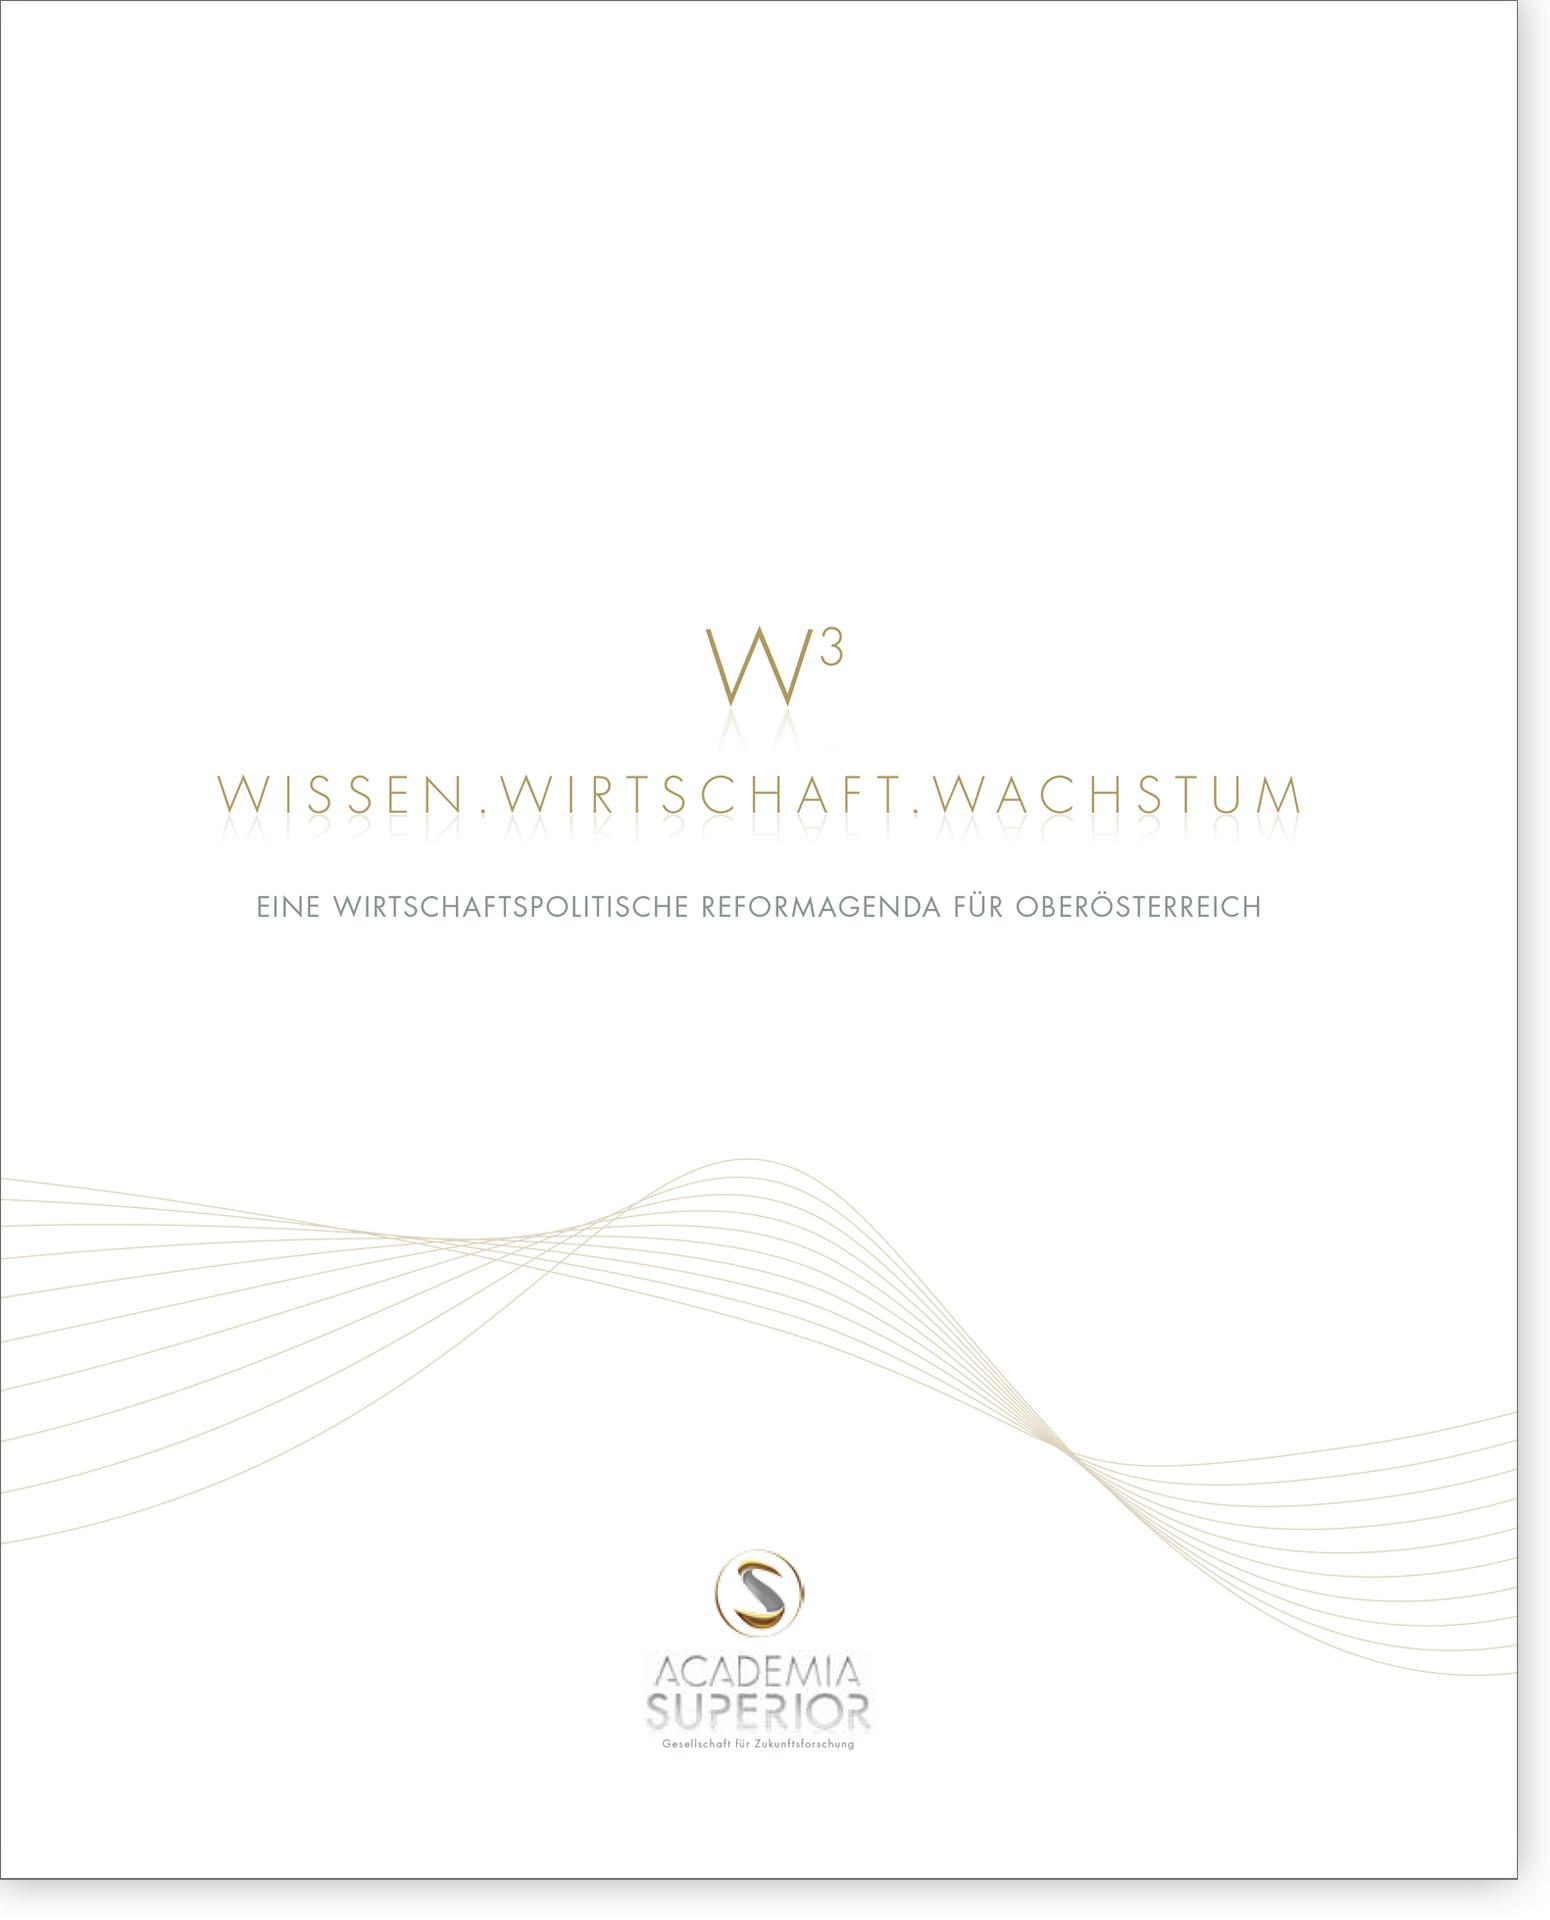 Cover W3 Wissen.Wirtschaft.Wachstum – Eine wirtschaftspolitische Reformagenda für Oberösterreich